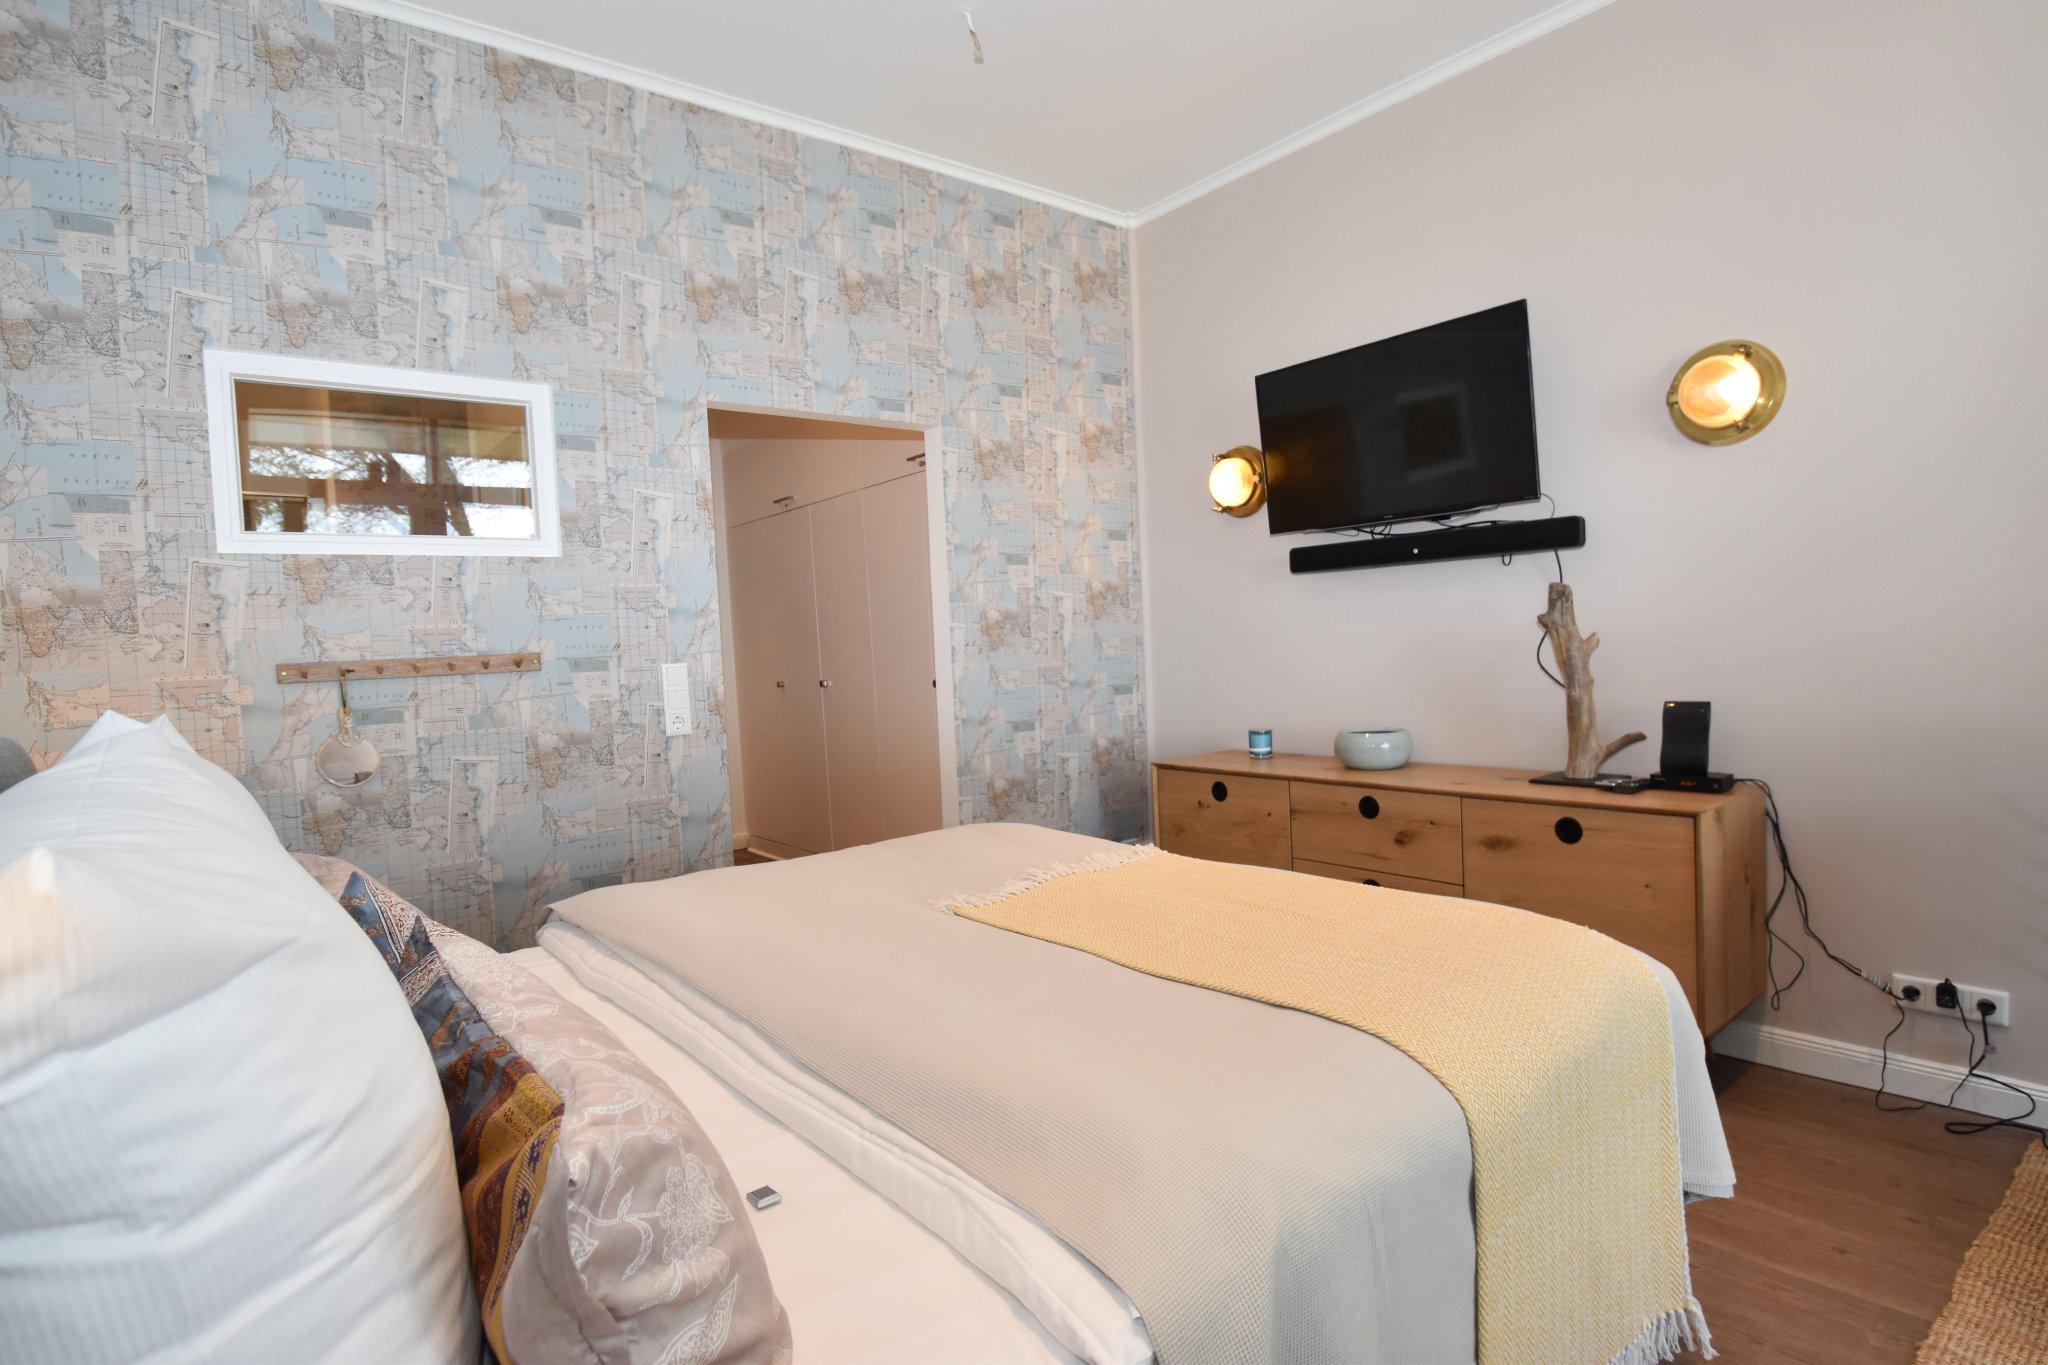 Großes Doppelbett (2m x 2m)